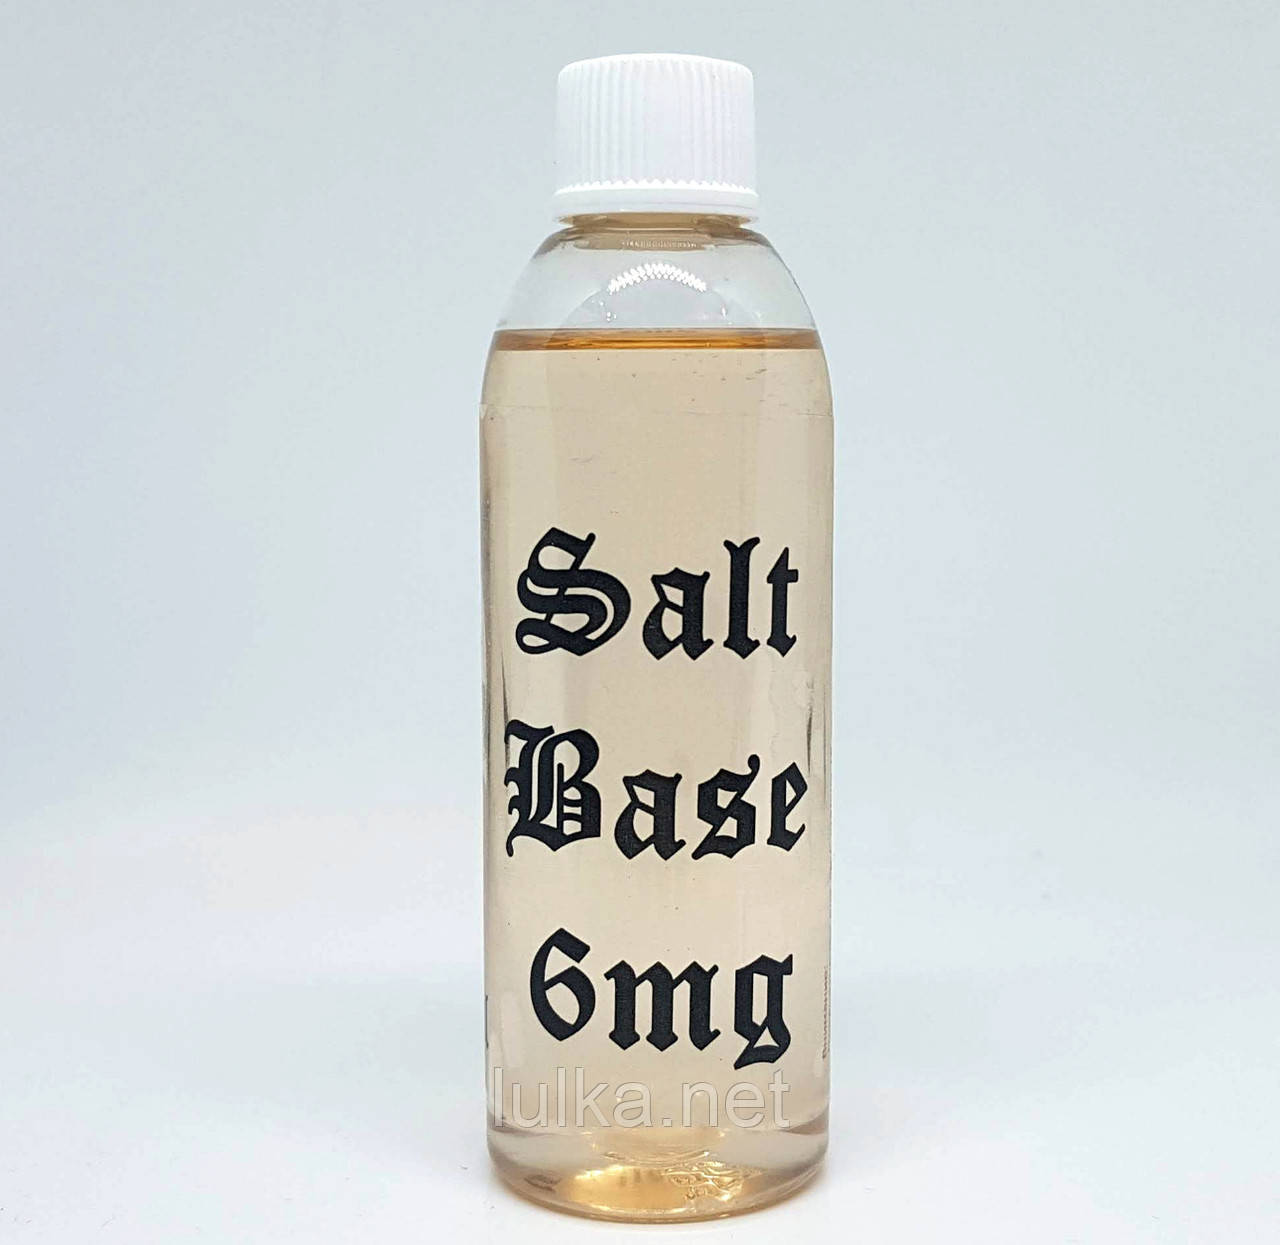 Солевая база (Salt base) 6 mg/ml. 70/30 0.1л.